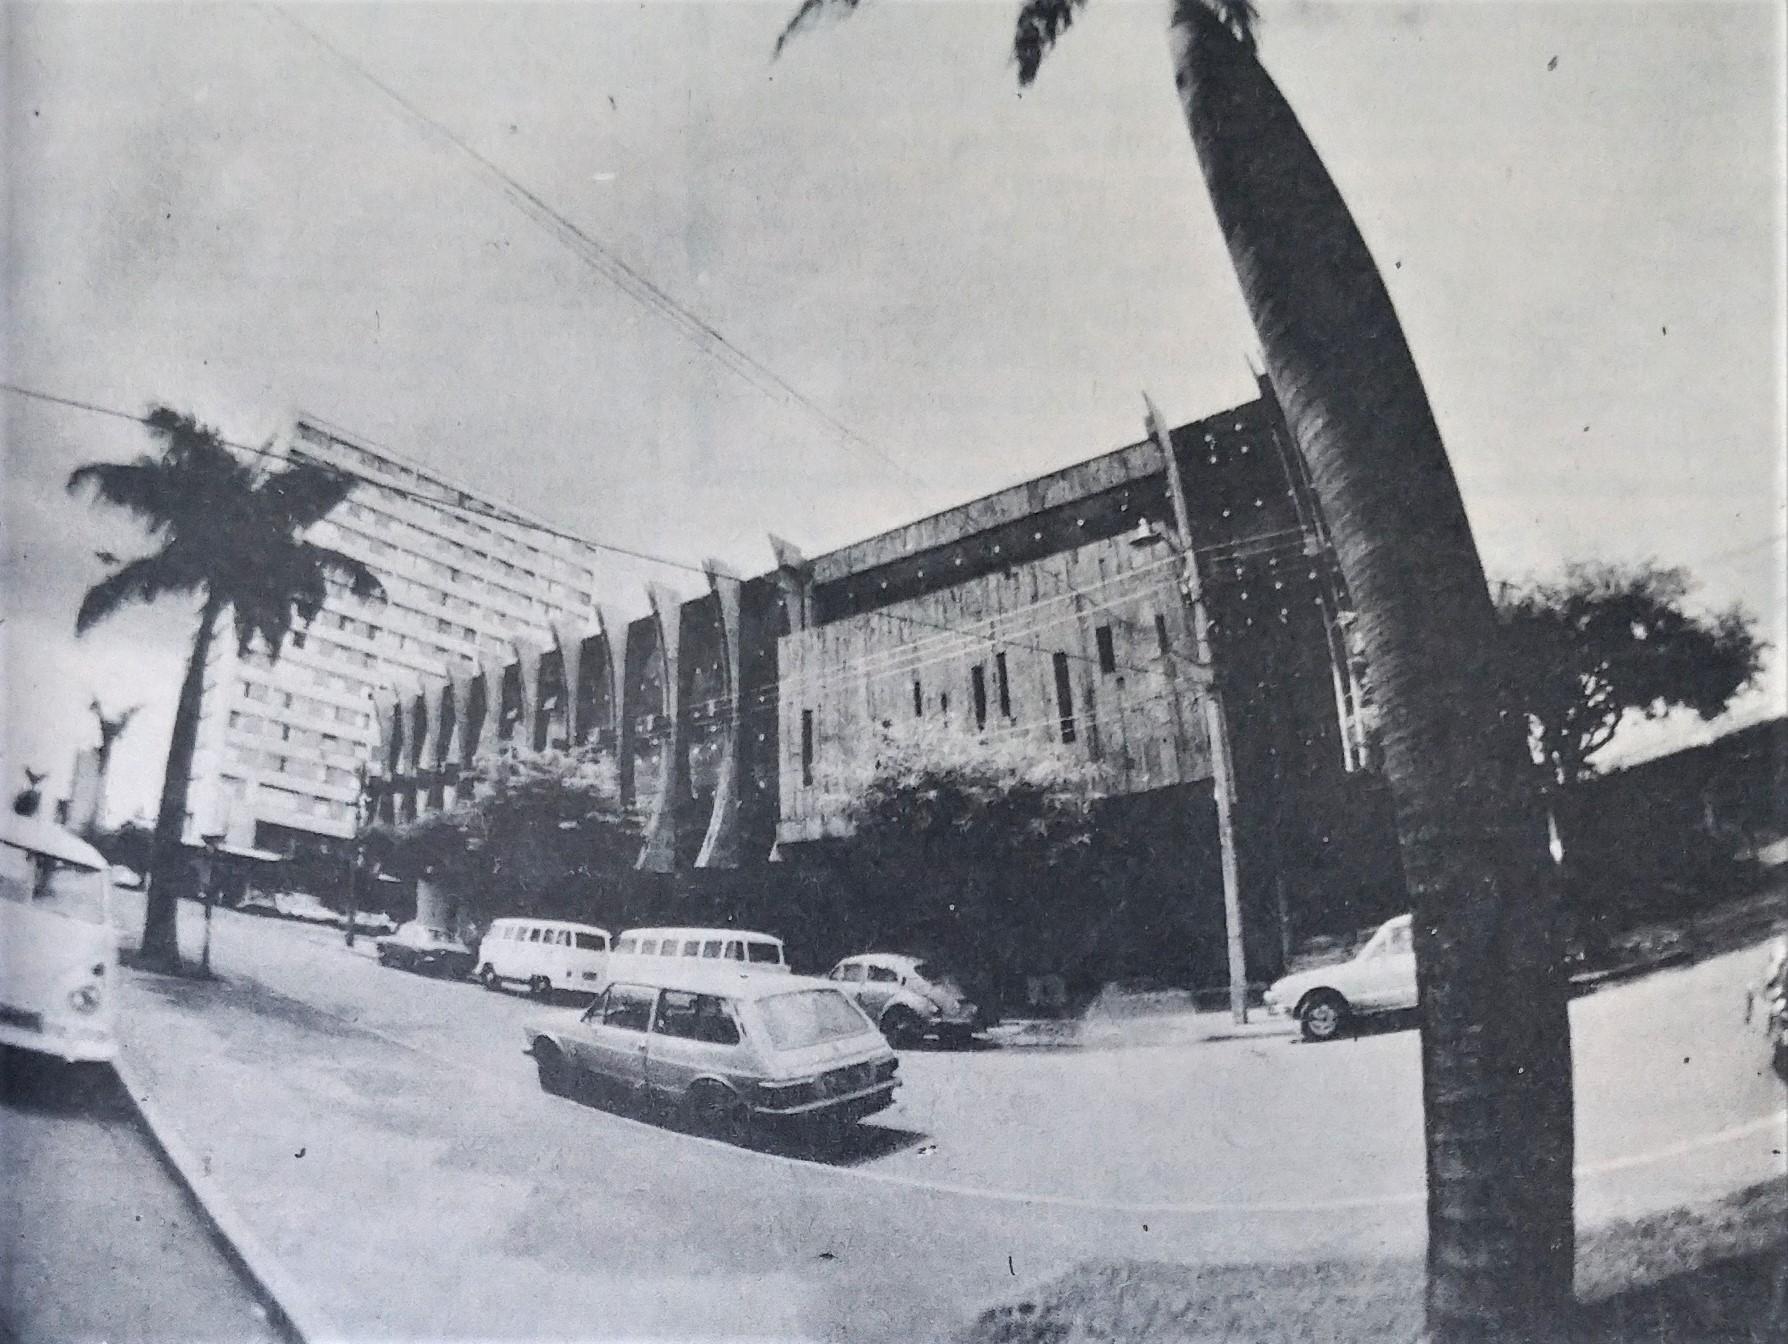 Avenida XV de Novembro - 1975